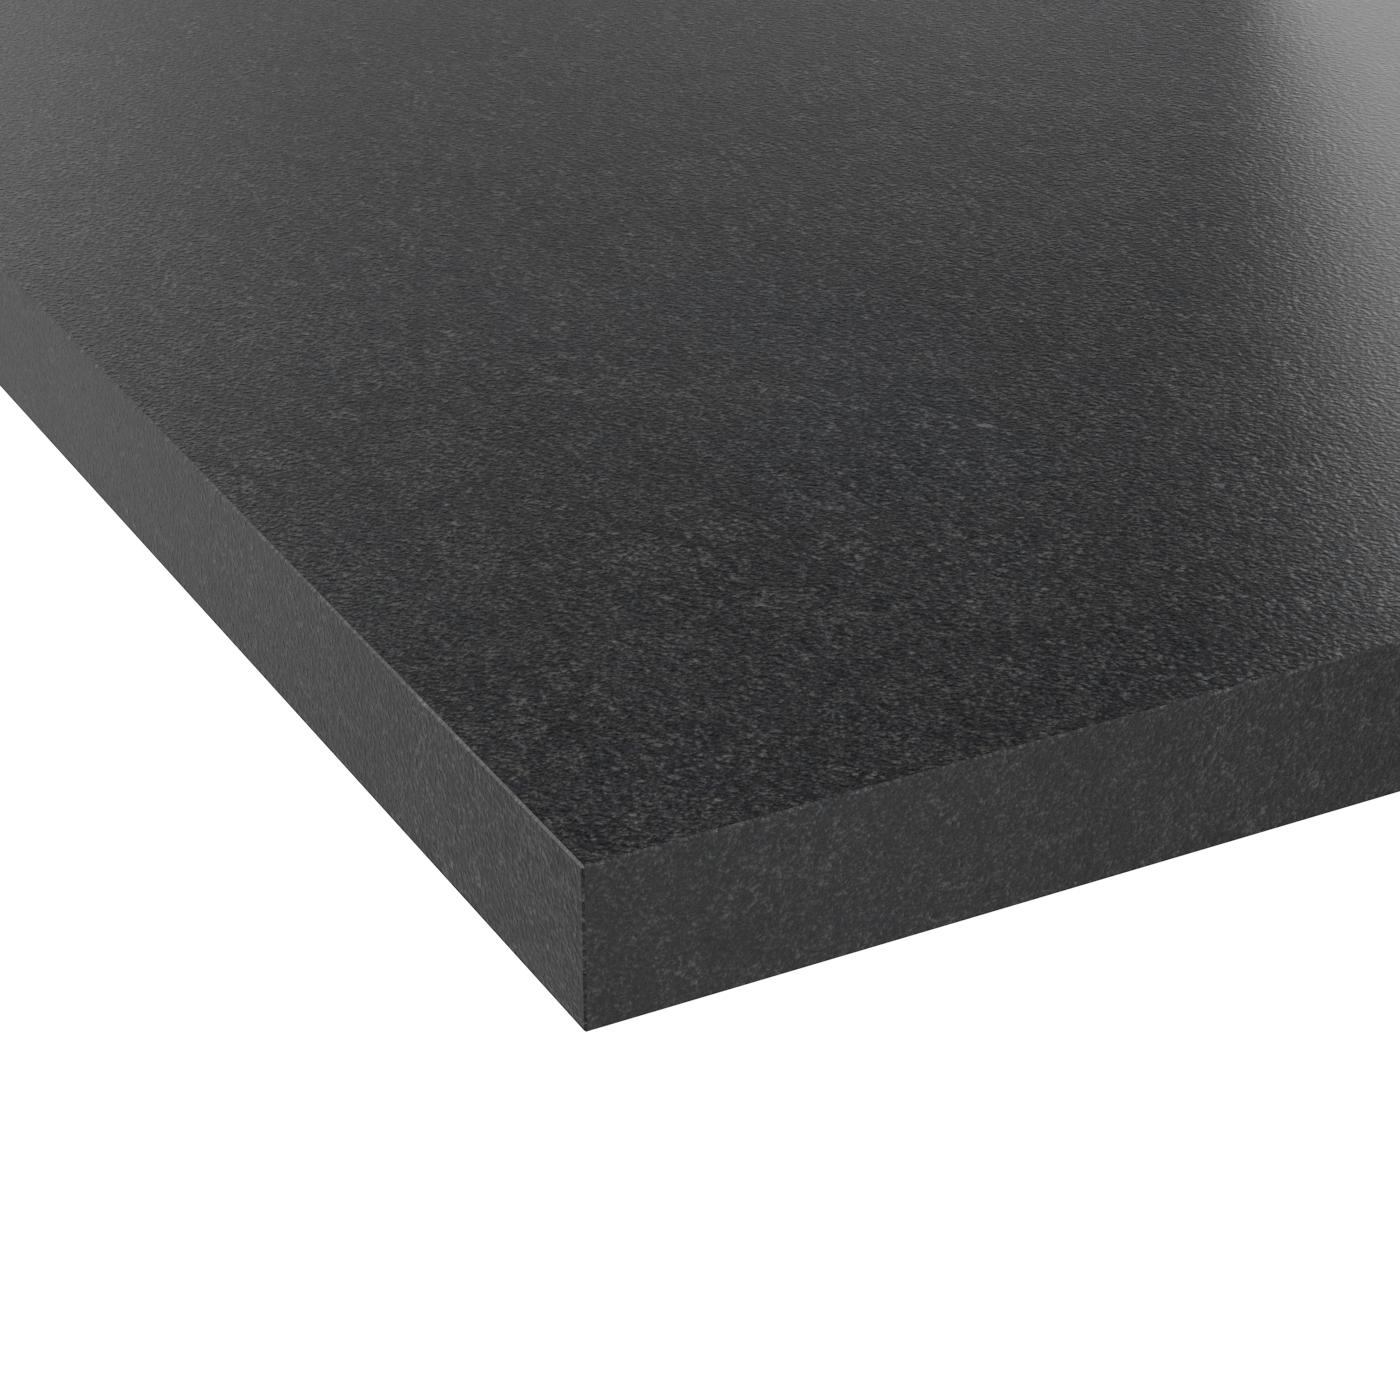 plan de travail bois noir great plan de travail bois noir with plan de travail bois noir plan. Black Bedroom Furniture Sets. Home Design Ideas